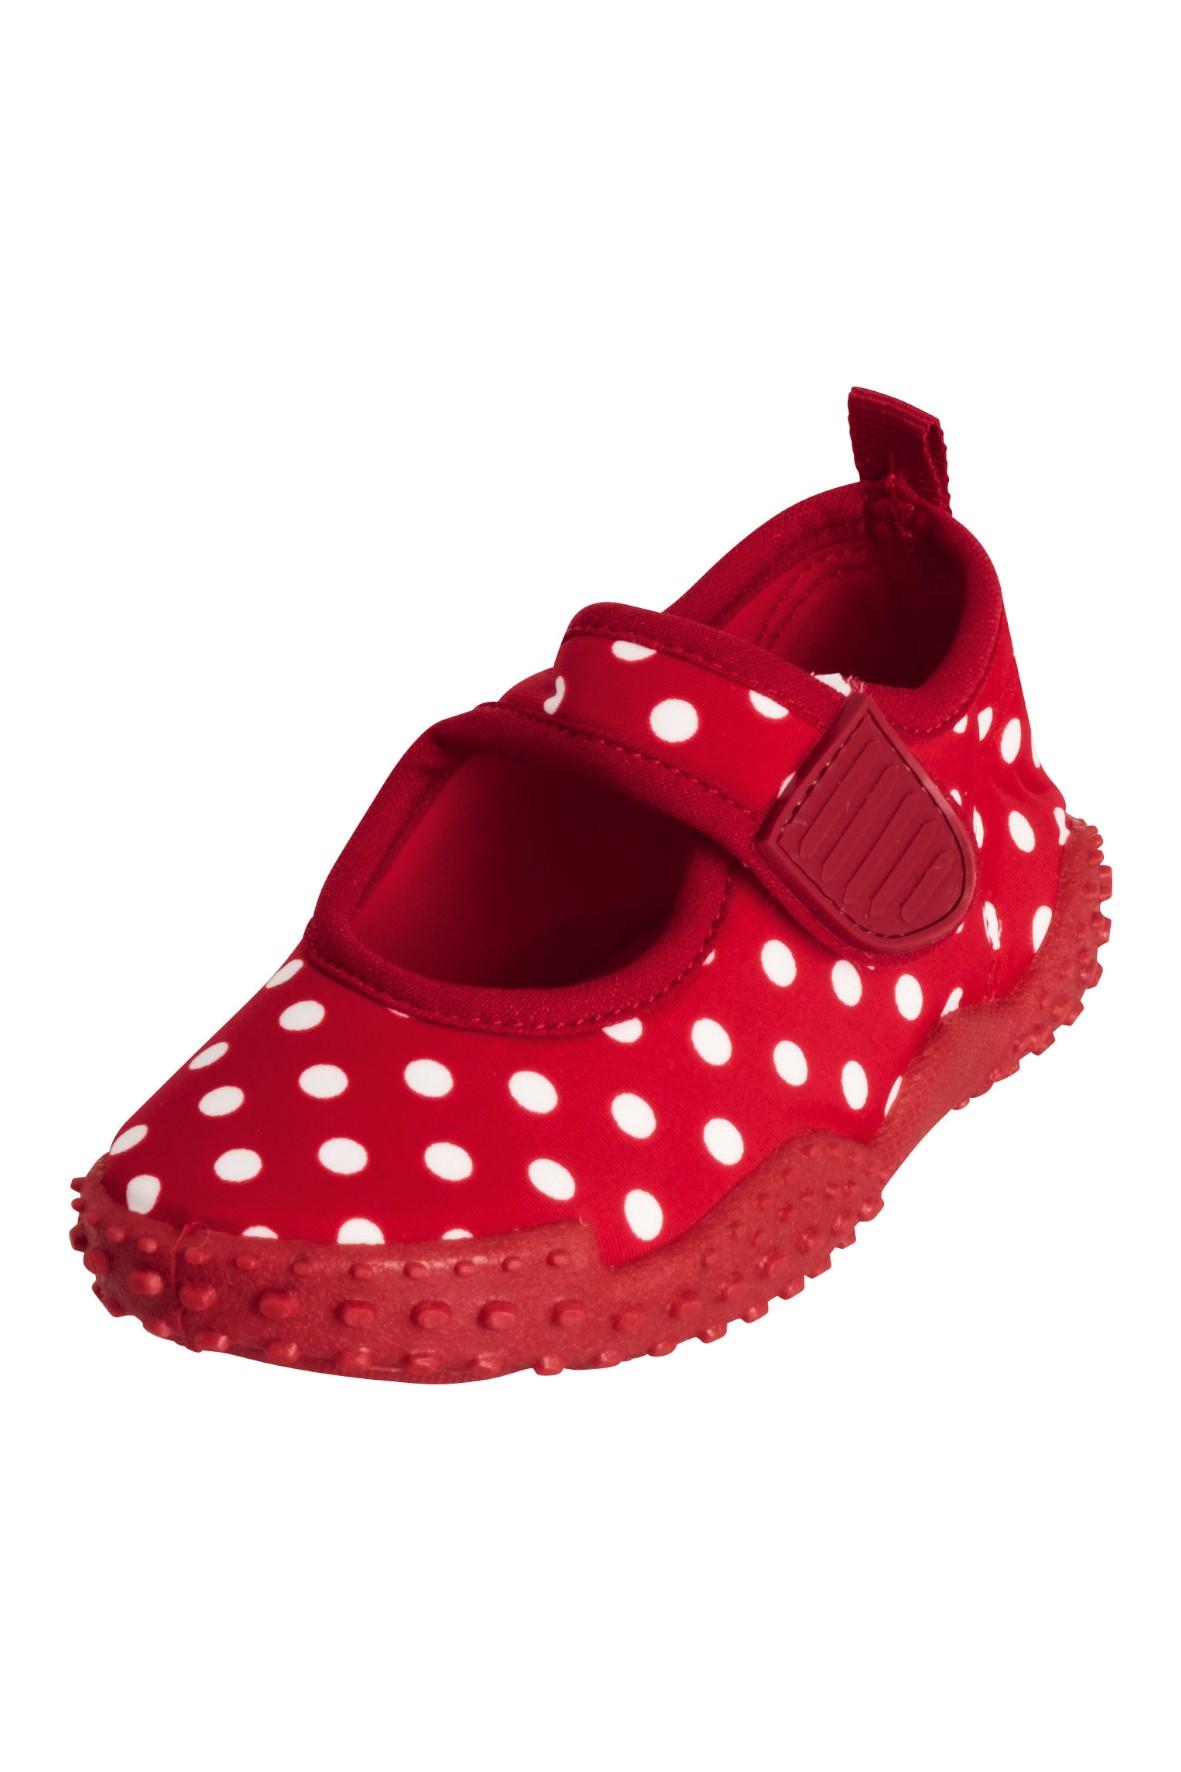 Buty kąpielowe z filtrem UV Kropki